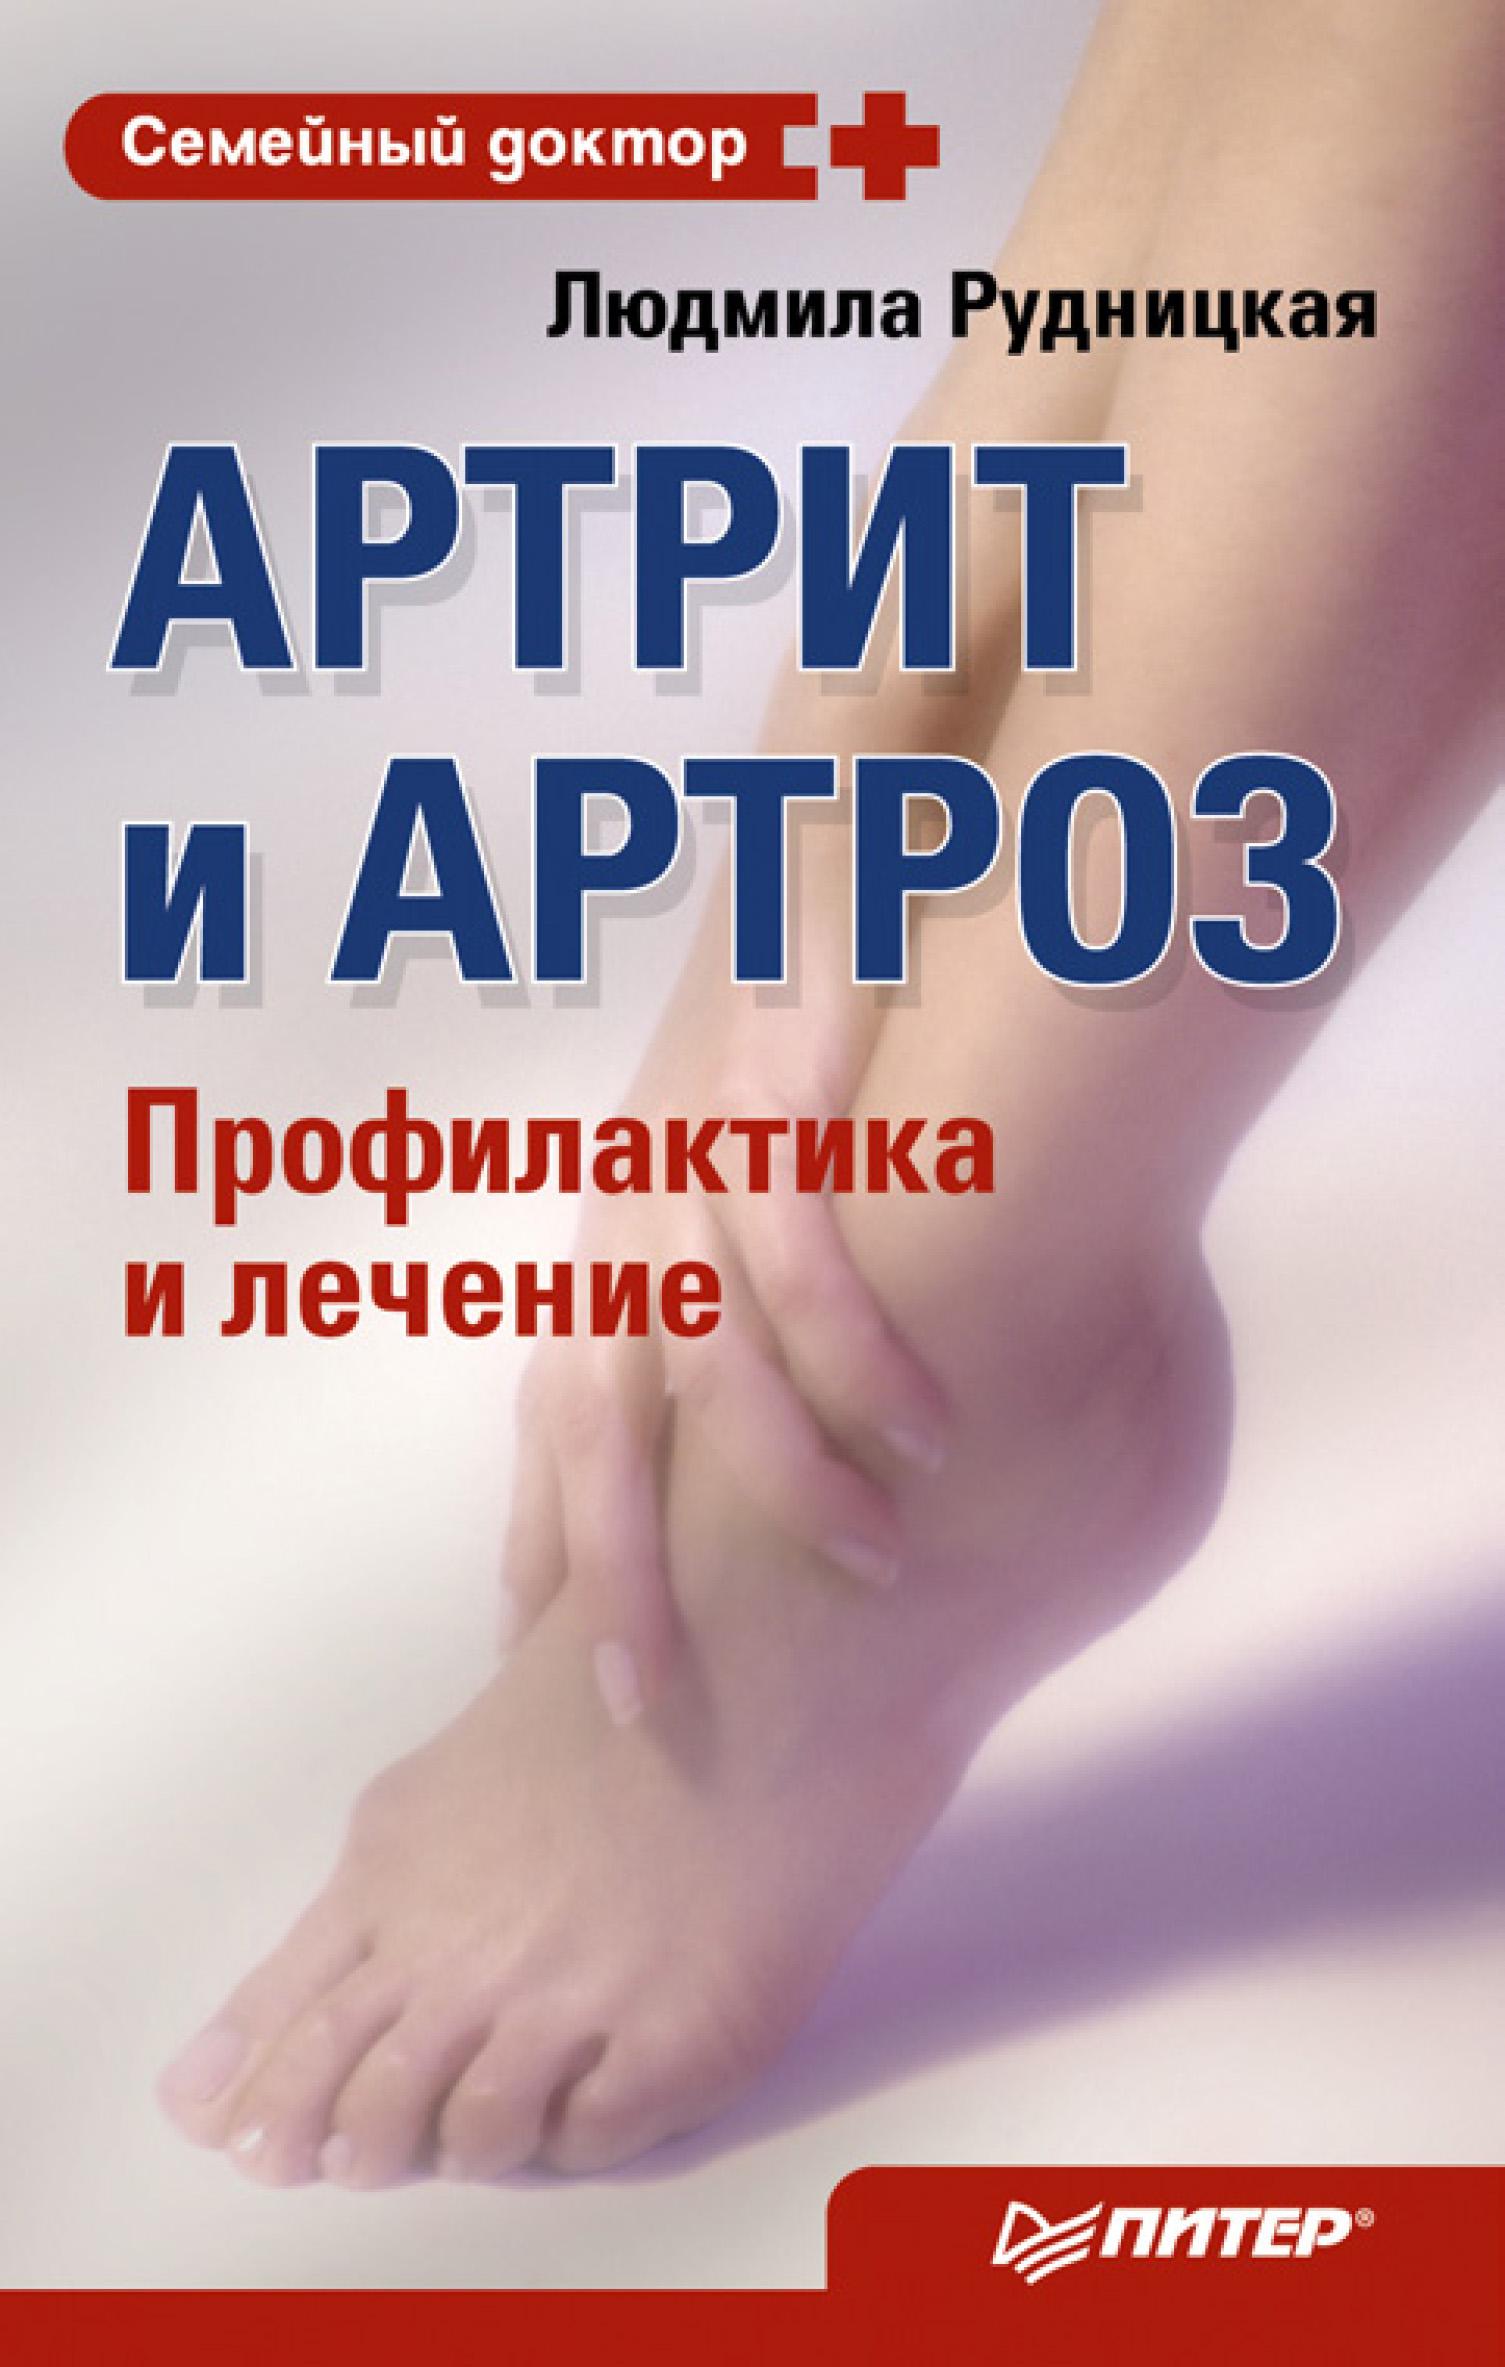 имеете виду? артрит артроз какое лечение коненечно желаем: